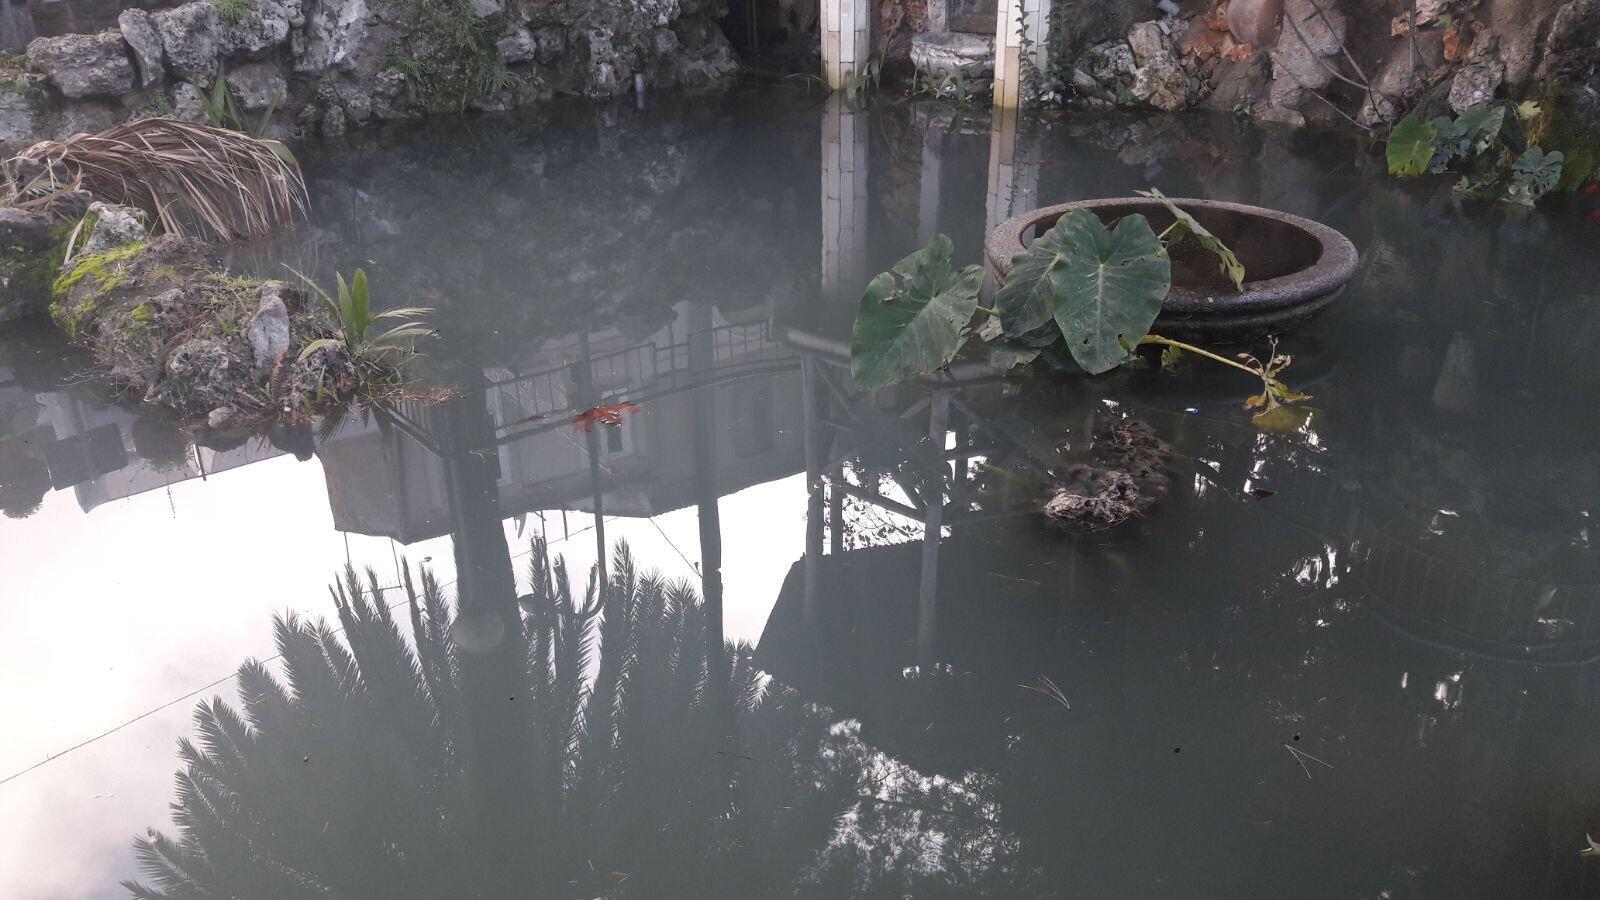 Avvelenate acque del laghetto di santa maria a polistena for Pulizia laghetto